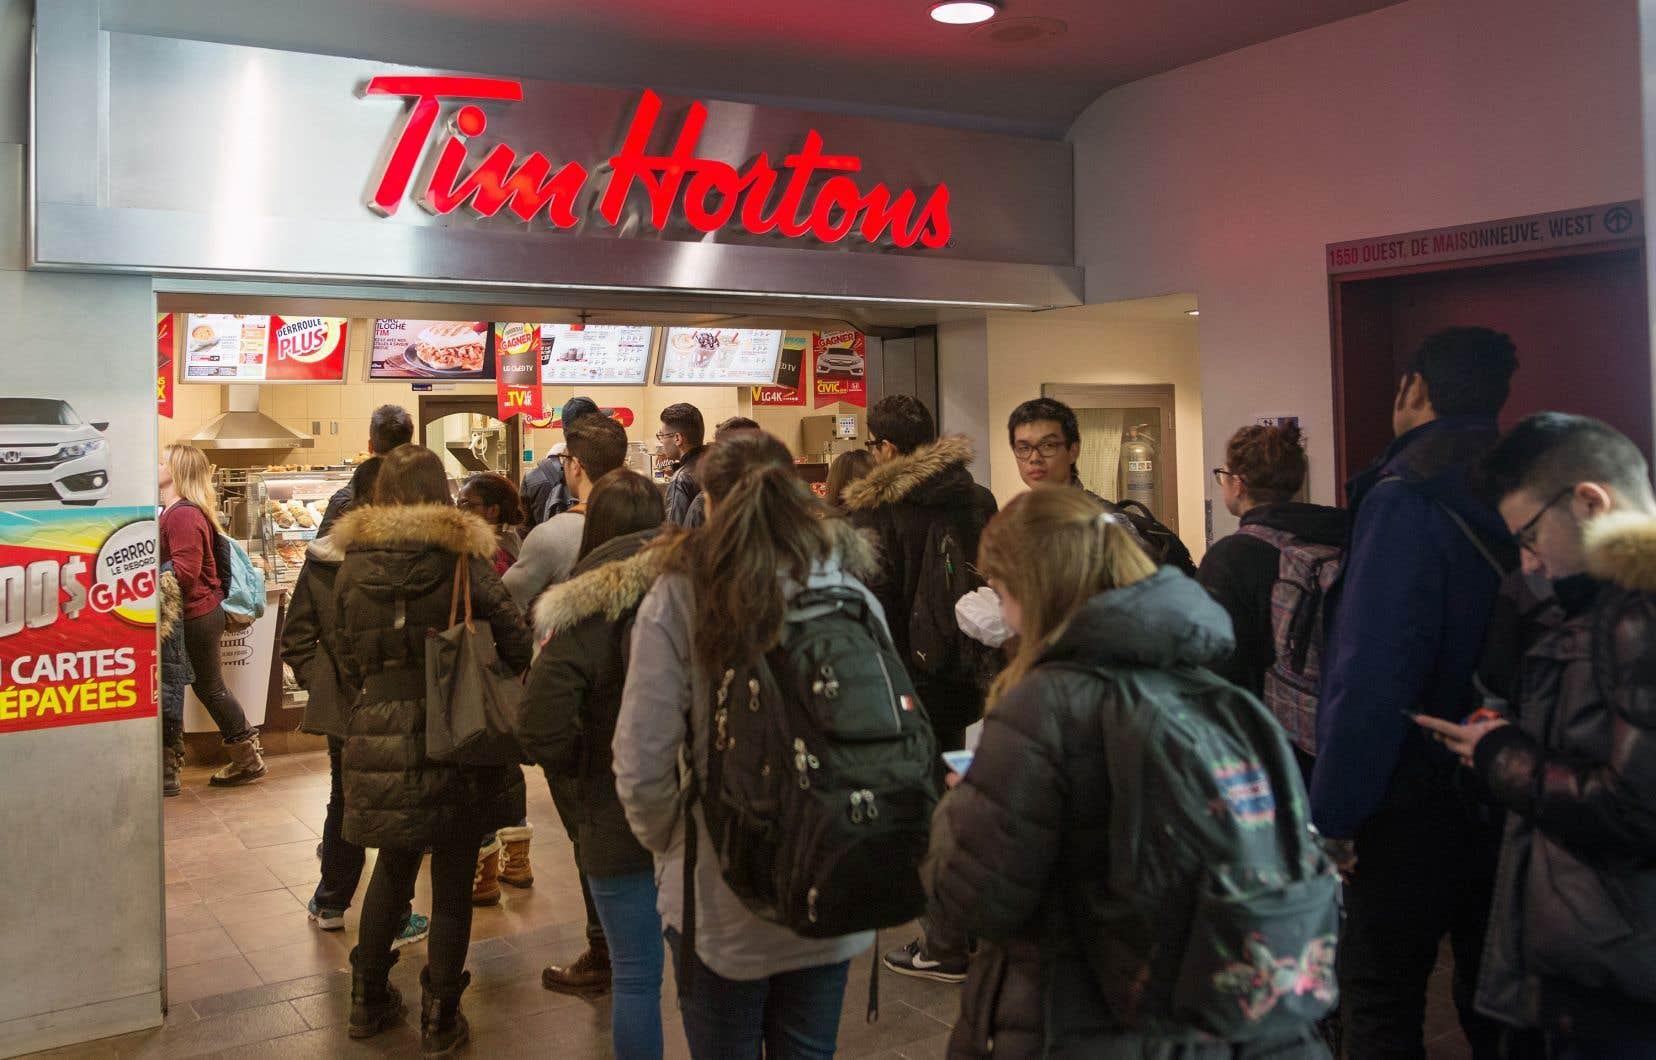 Un groupe de franchisés mécontentsa dénoncé la société mère de Tim Hortons pour certaines mesures qui, selon elle, ont miné leurs activités.